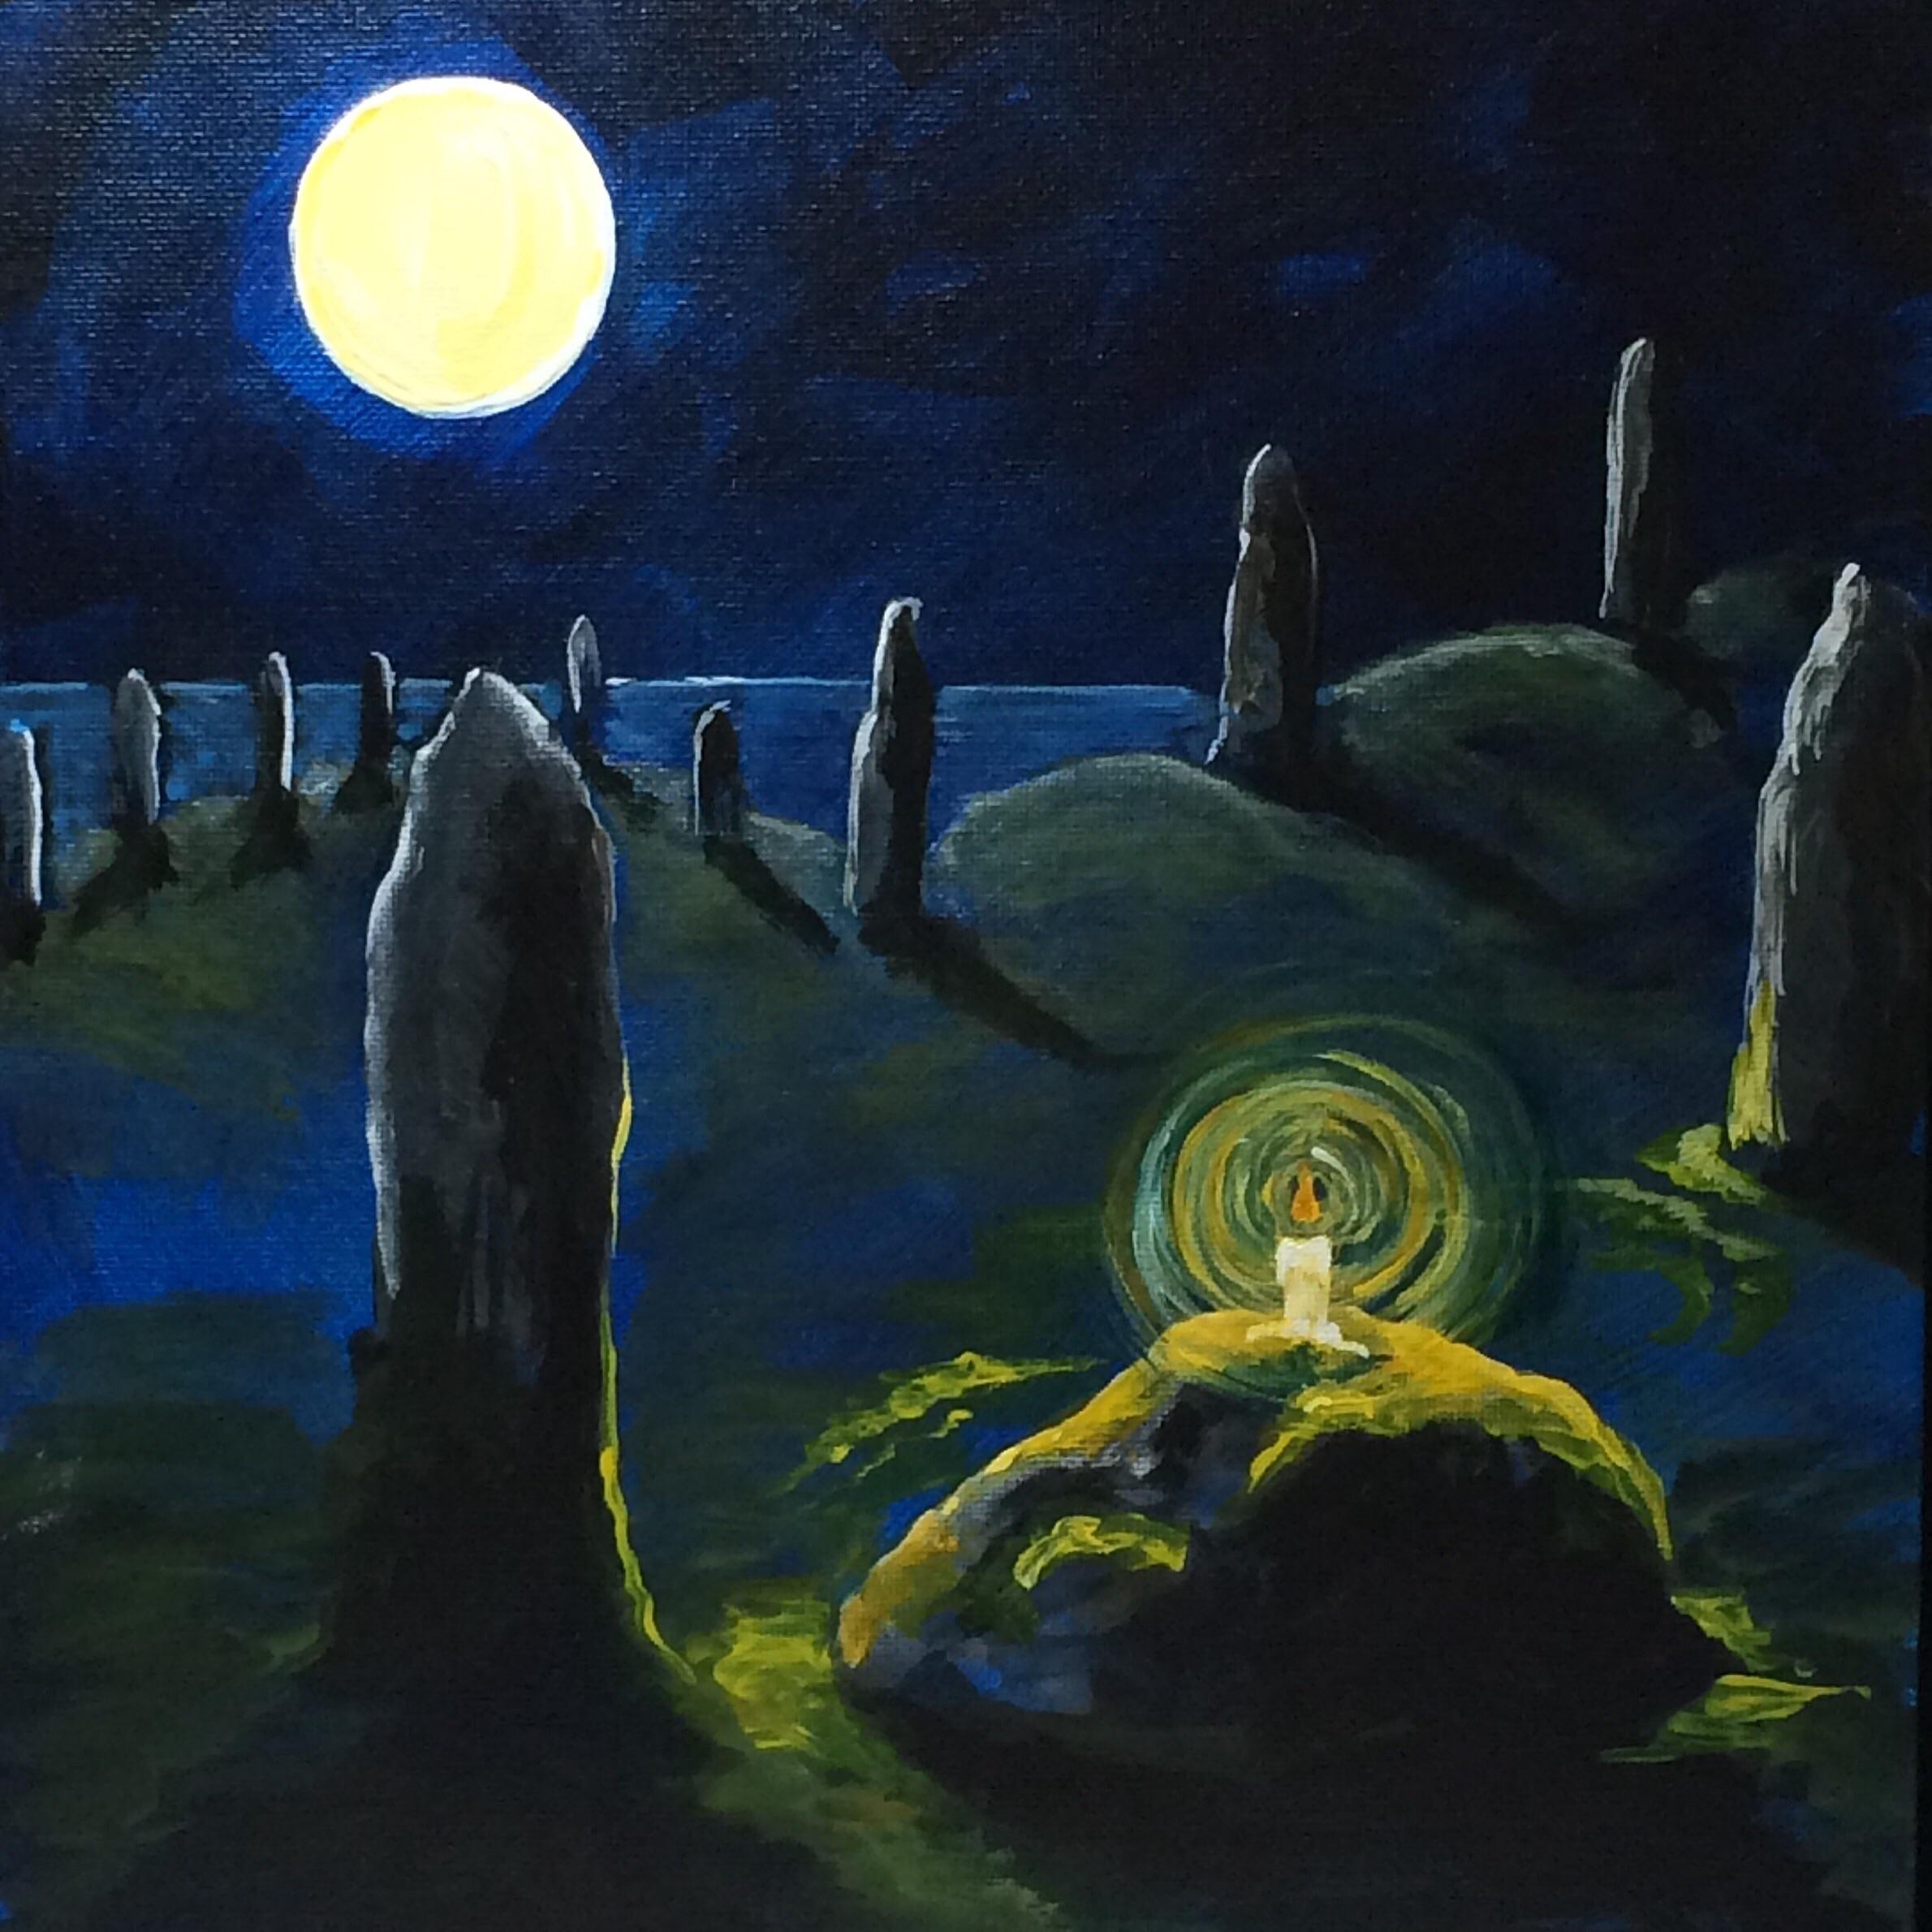 Samhain Vision